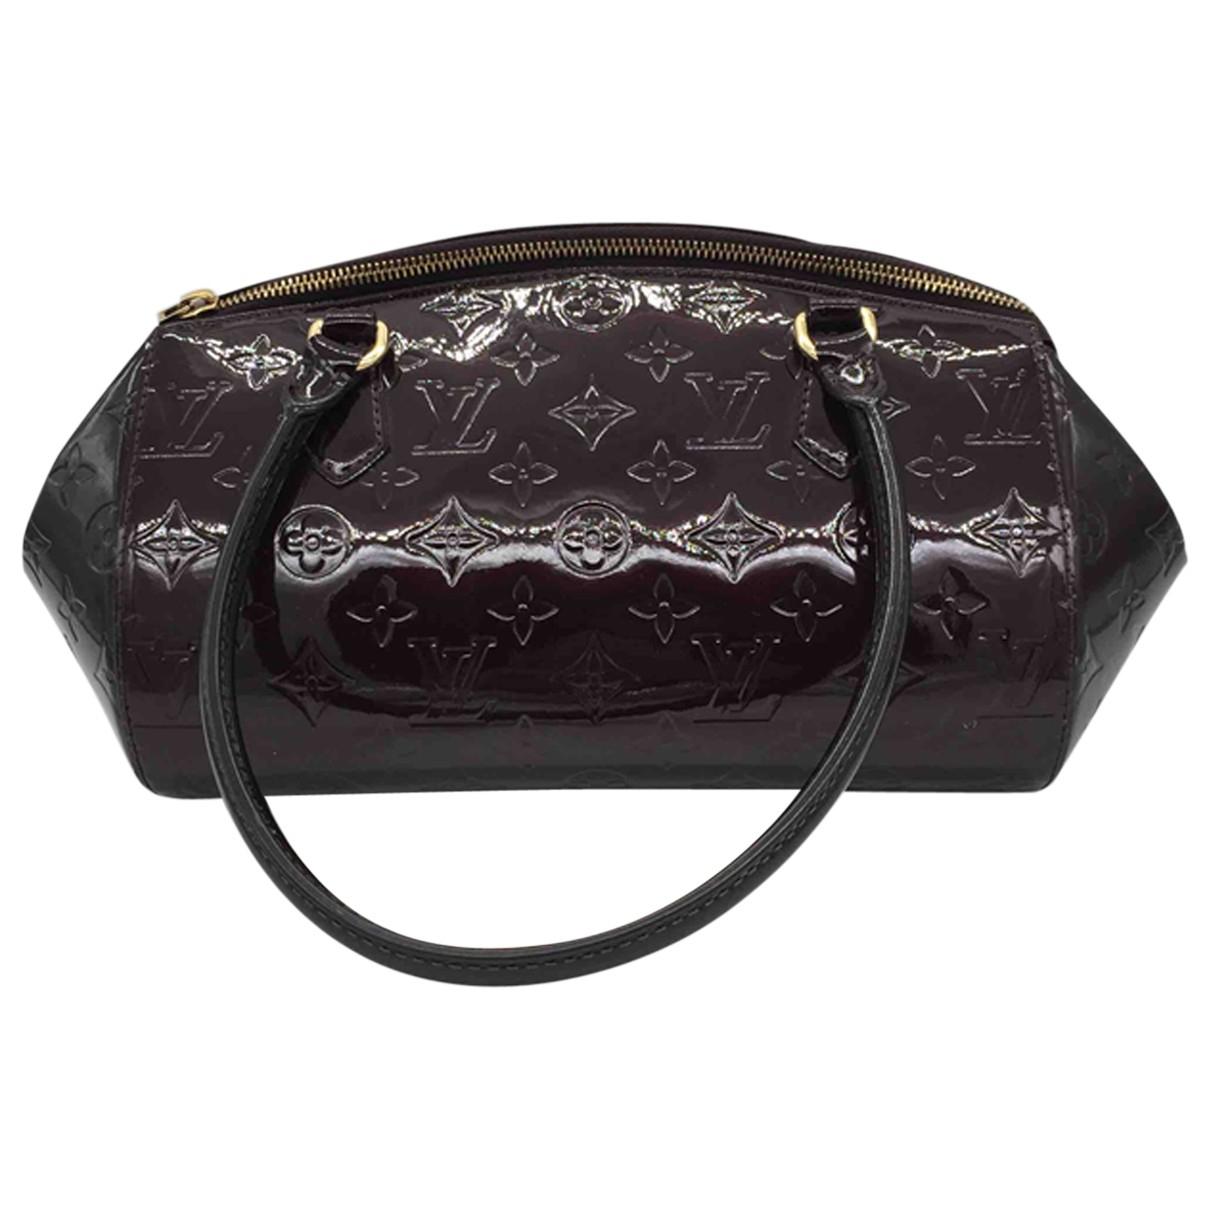 Bolso  de Charol Louis Vuitton